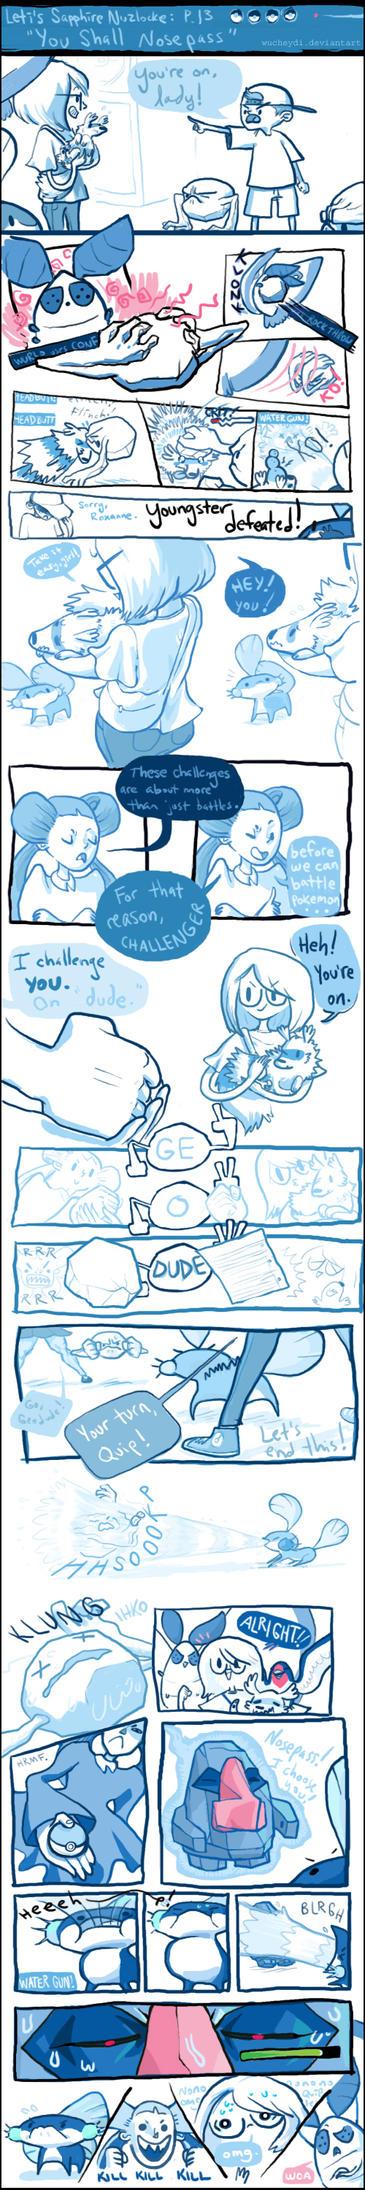 Sapphire: Part 13 by wucheydi